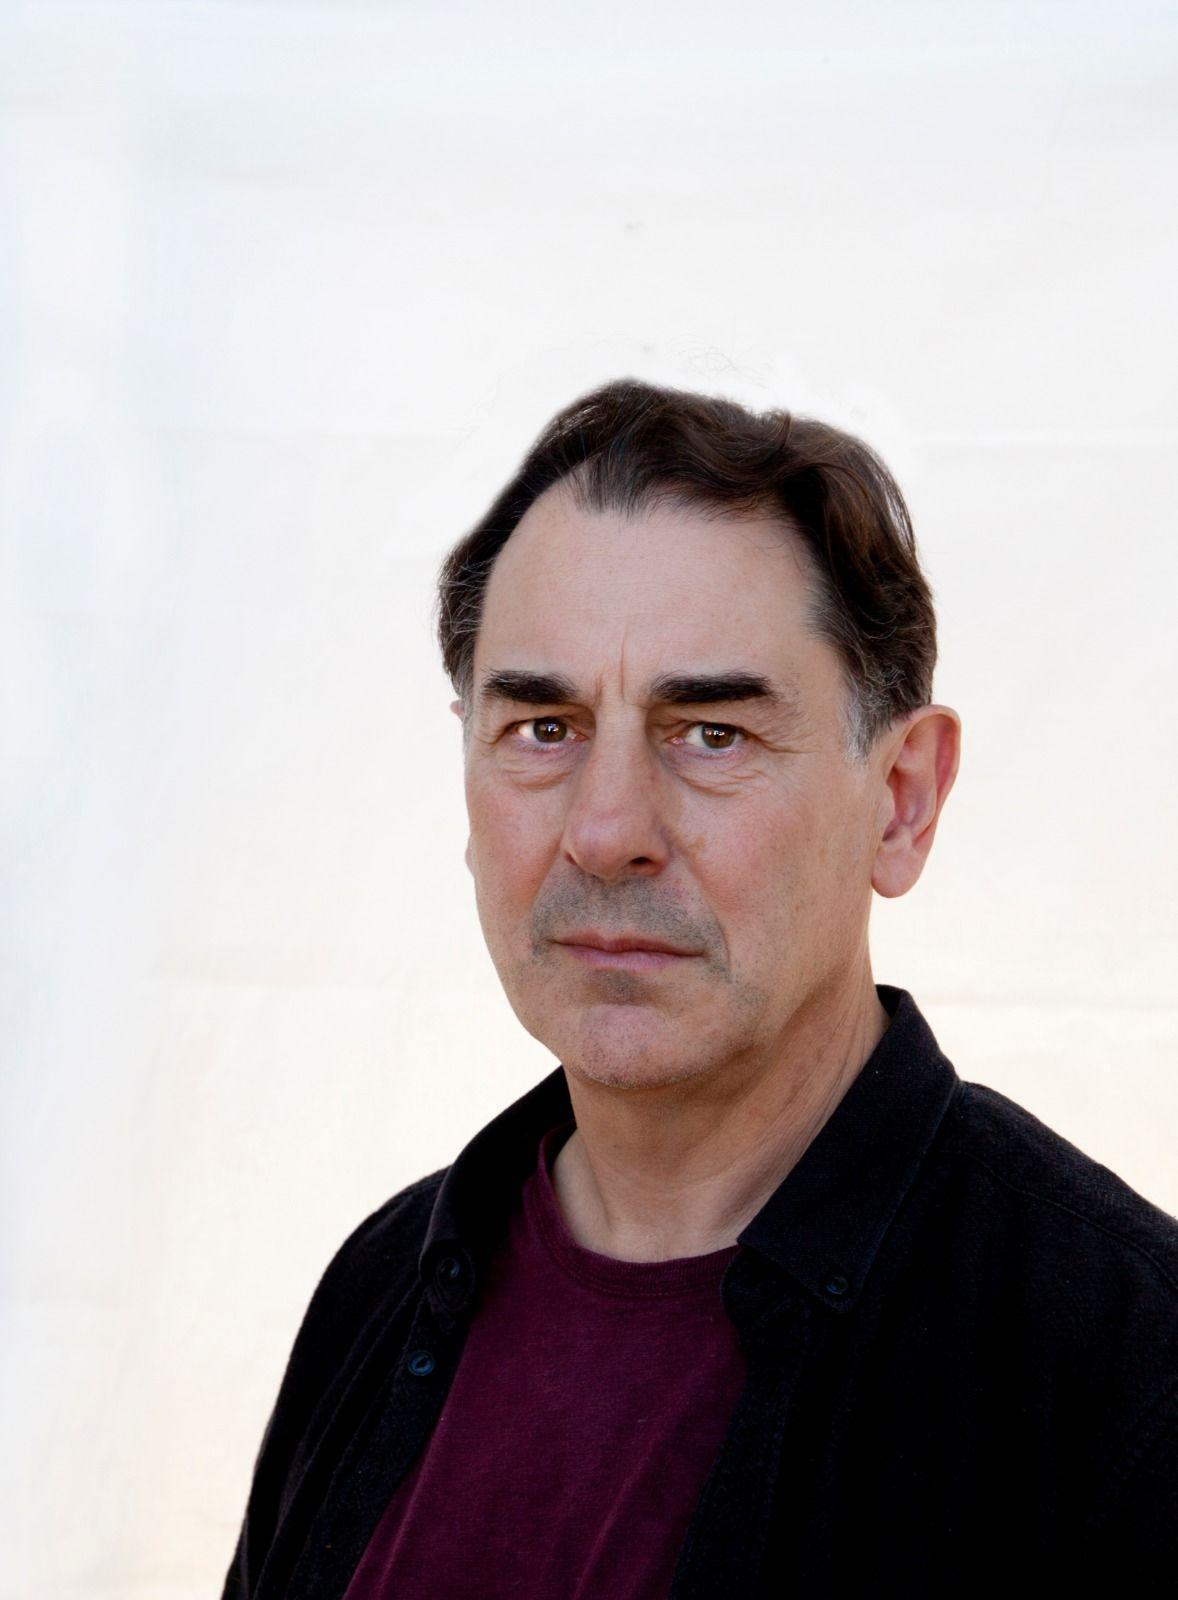 Simon Coury